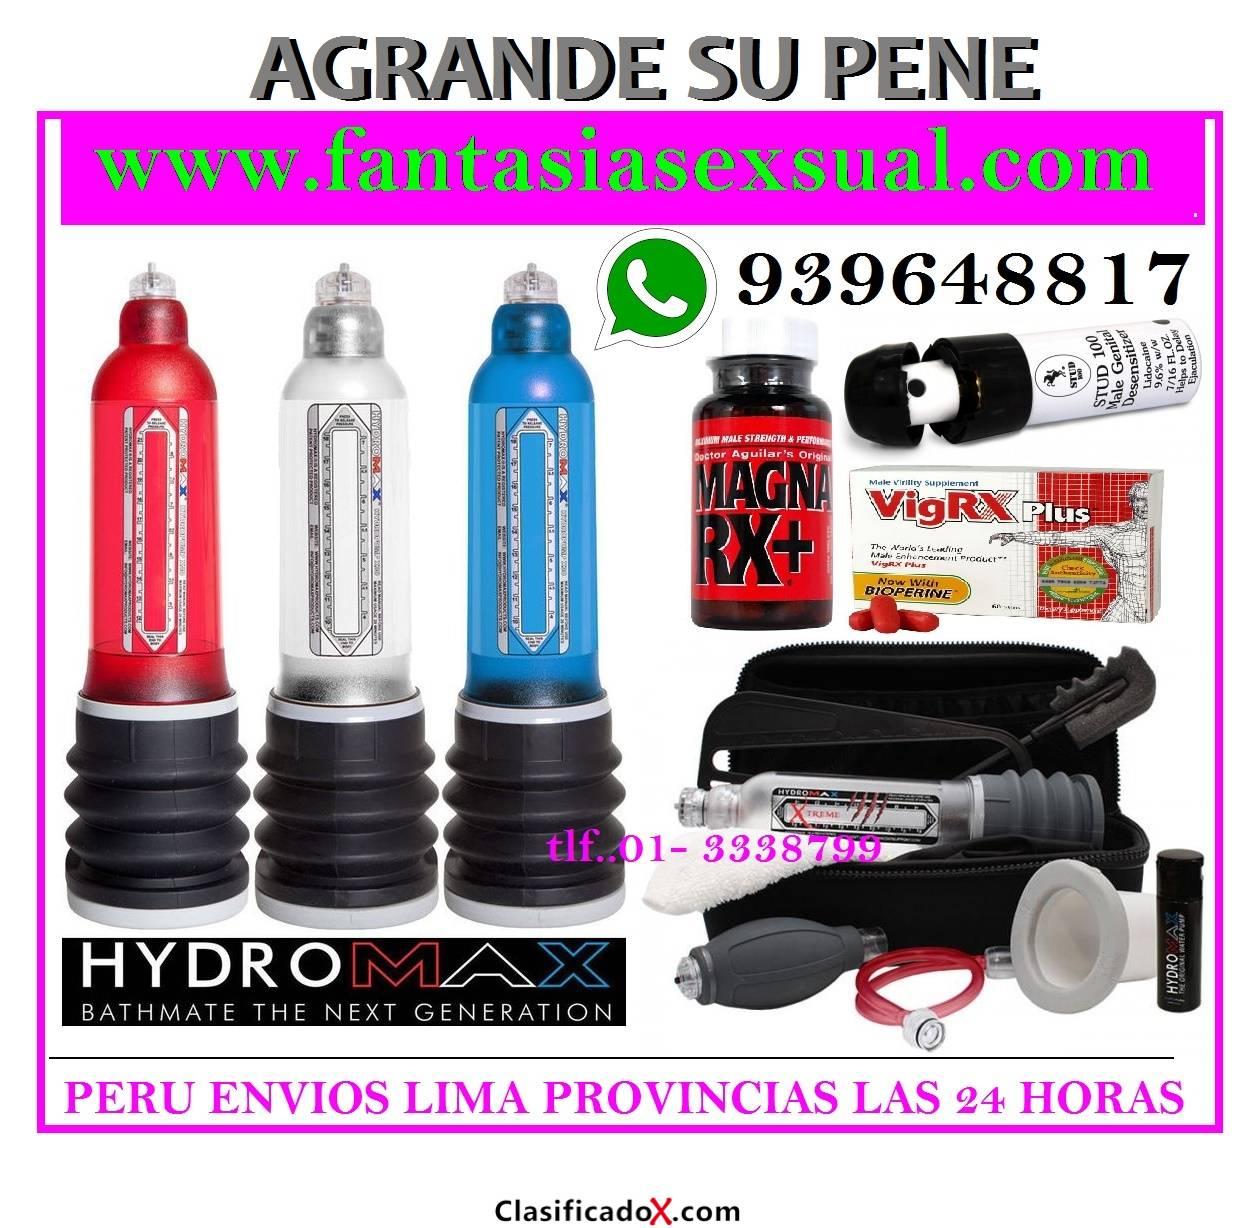 compra productos originales sexshop TLF 01 3338799 CL 964864773